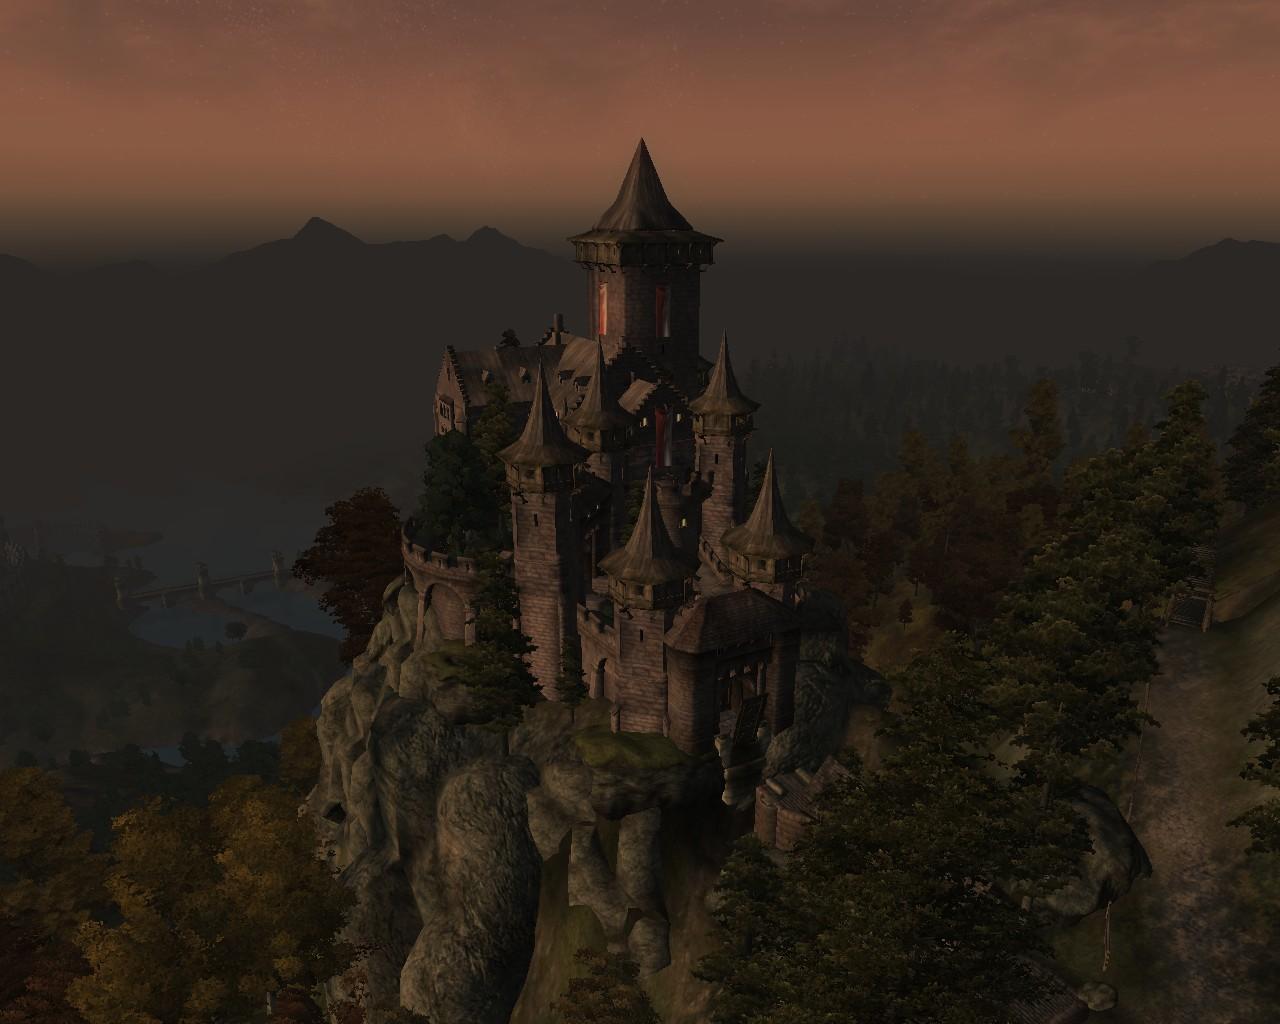 Castle Wolfspike Elder Scrolls Oblivion Castles Images